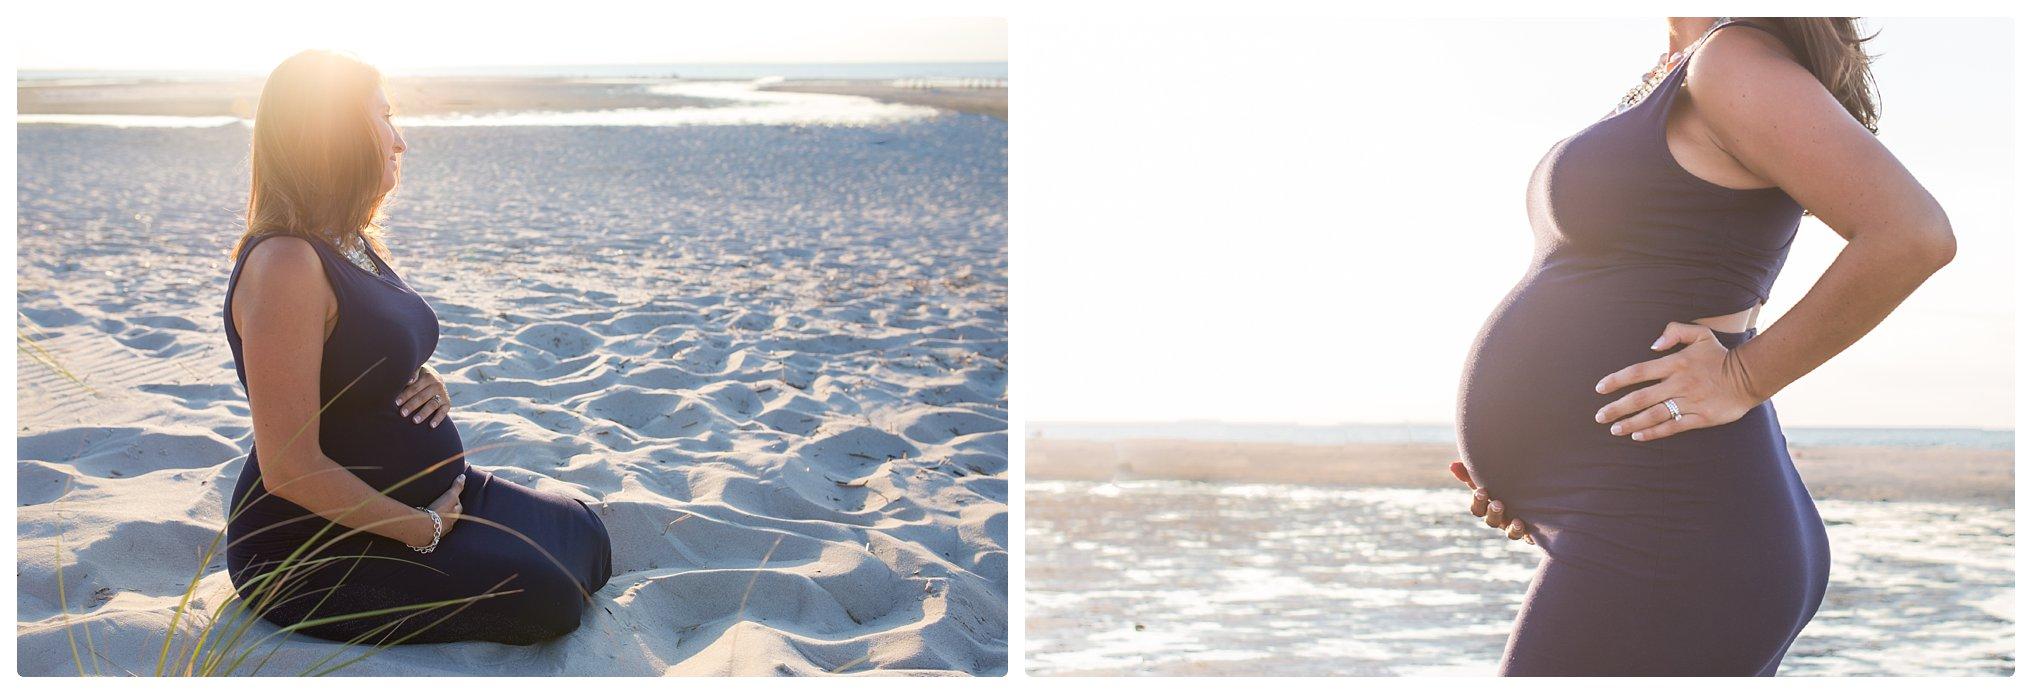 Cape Cod Family Photographer, photos taken on Mayflower Beach in Dennis Massachusetts.